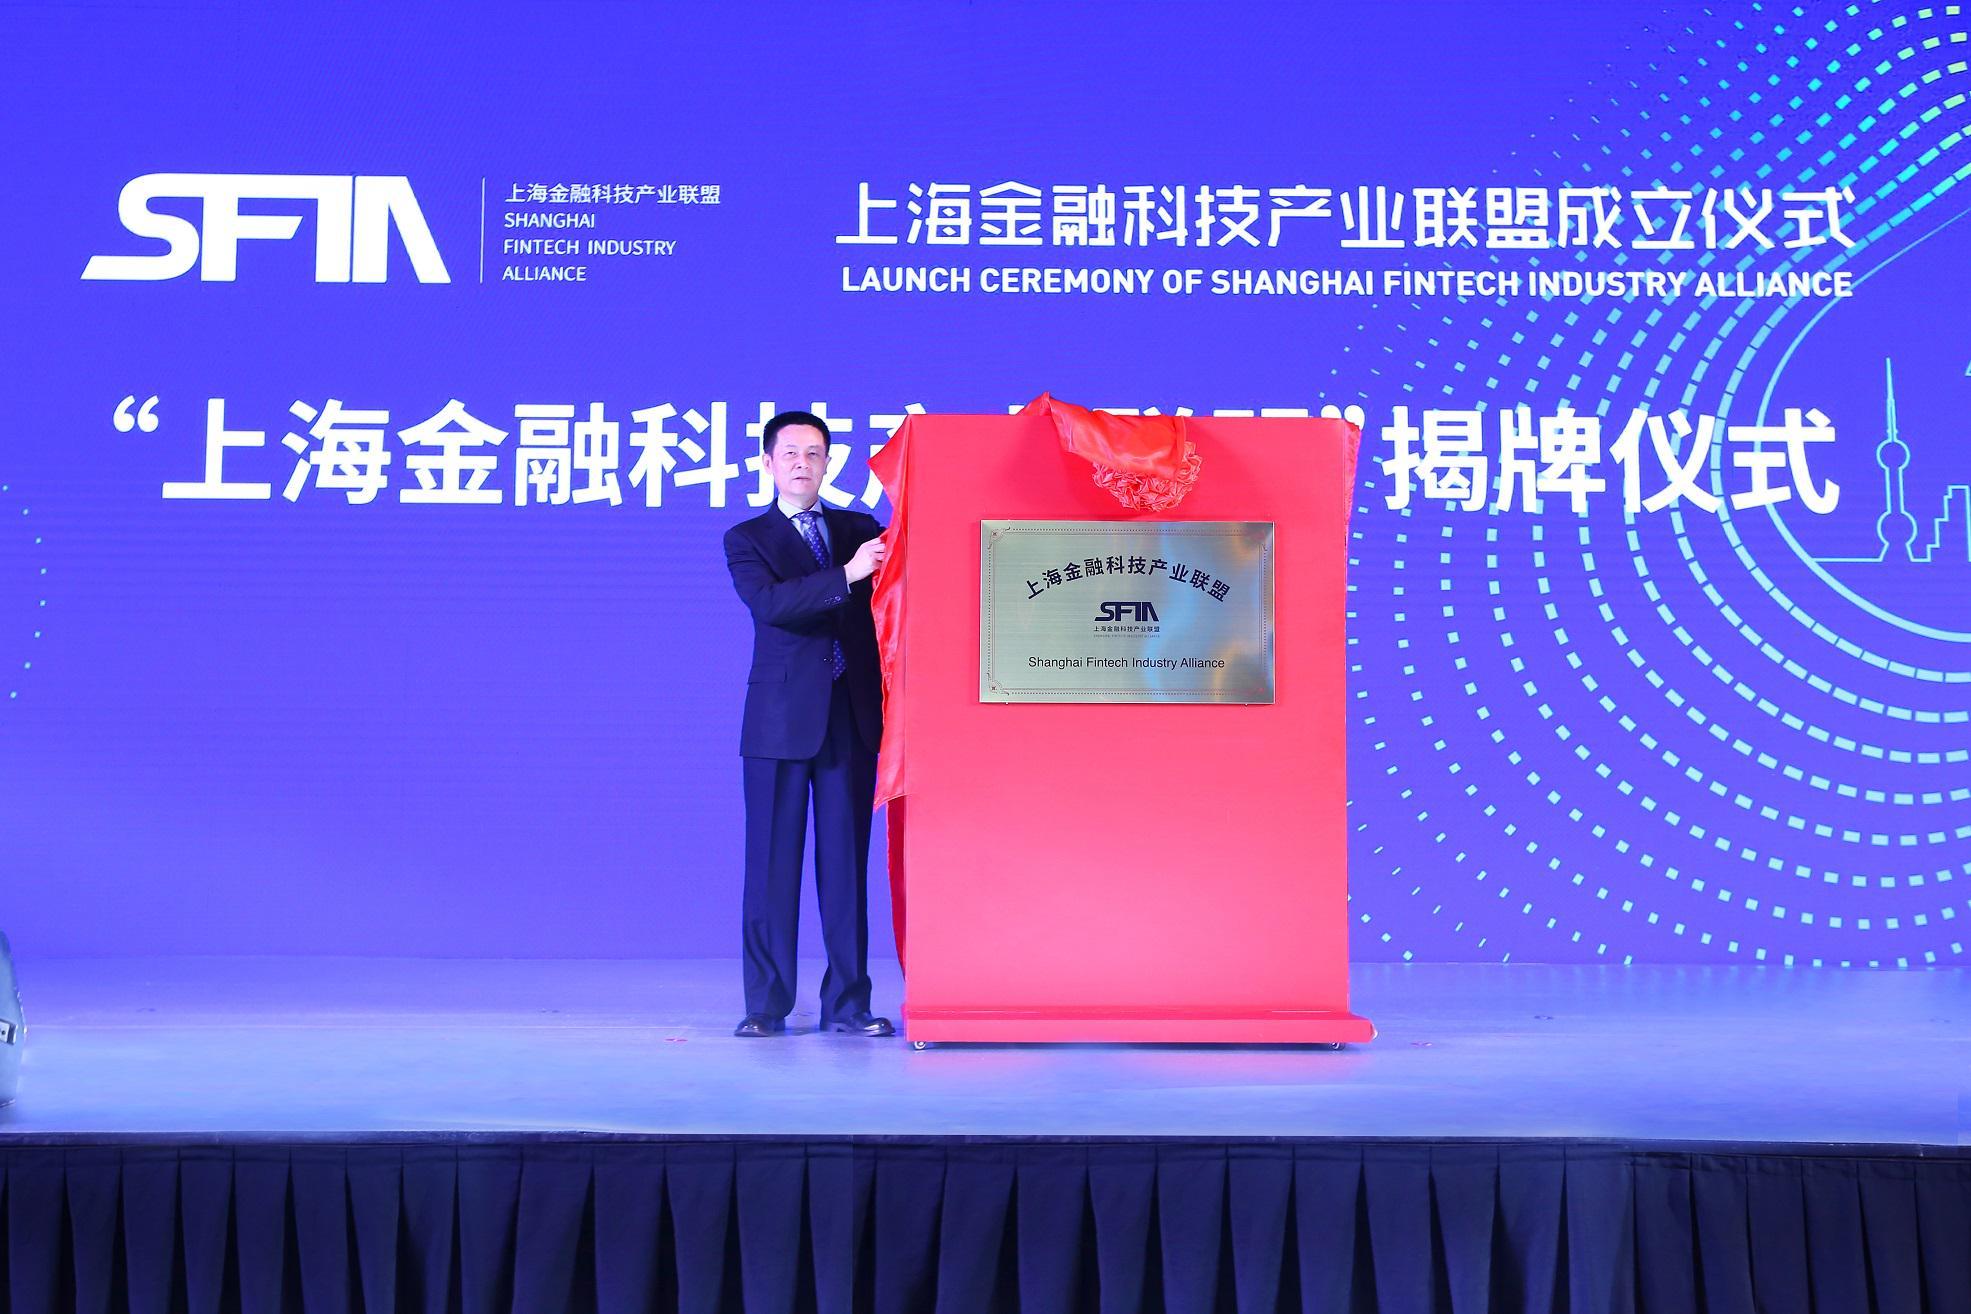 上海金融科技产业联盟正式成立